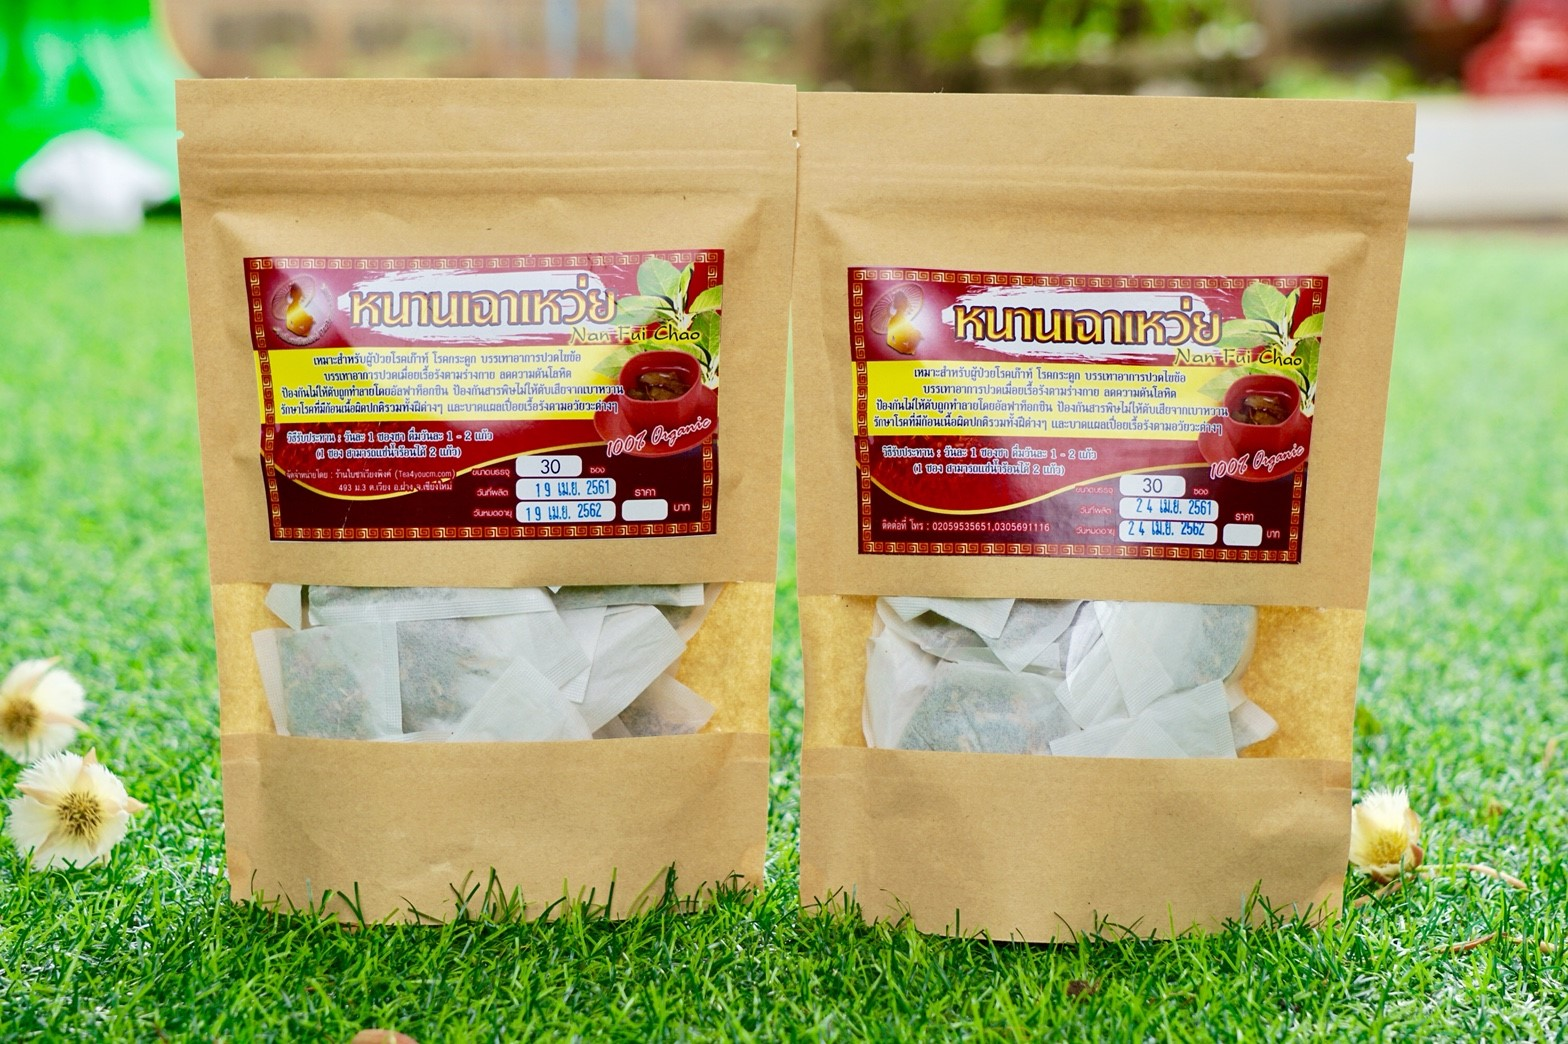 ชาสมุนไพร หนานเฉาเหว่ย บรรจุ 30 ซองชา ราคา 150 บาท เหมาะสำหรับผู้ป่วยเก๊าต์ เบาหวาน ความดัน